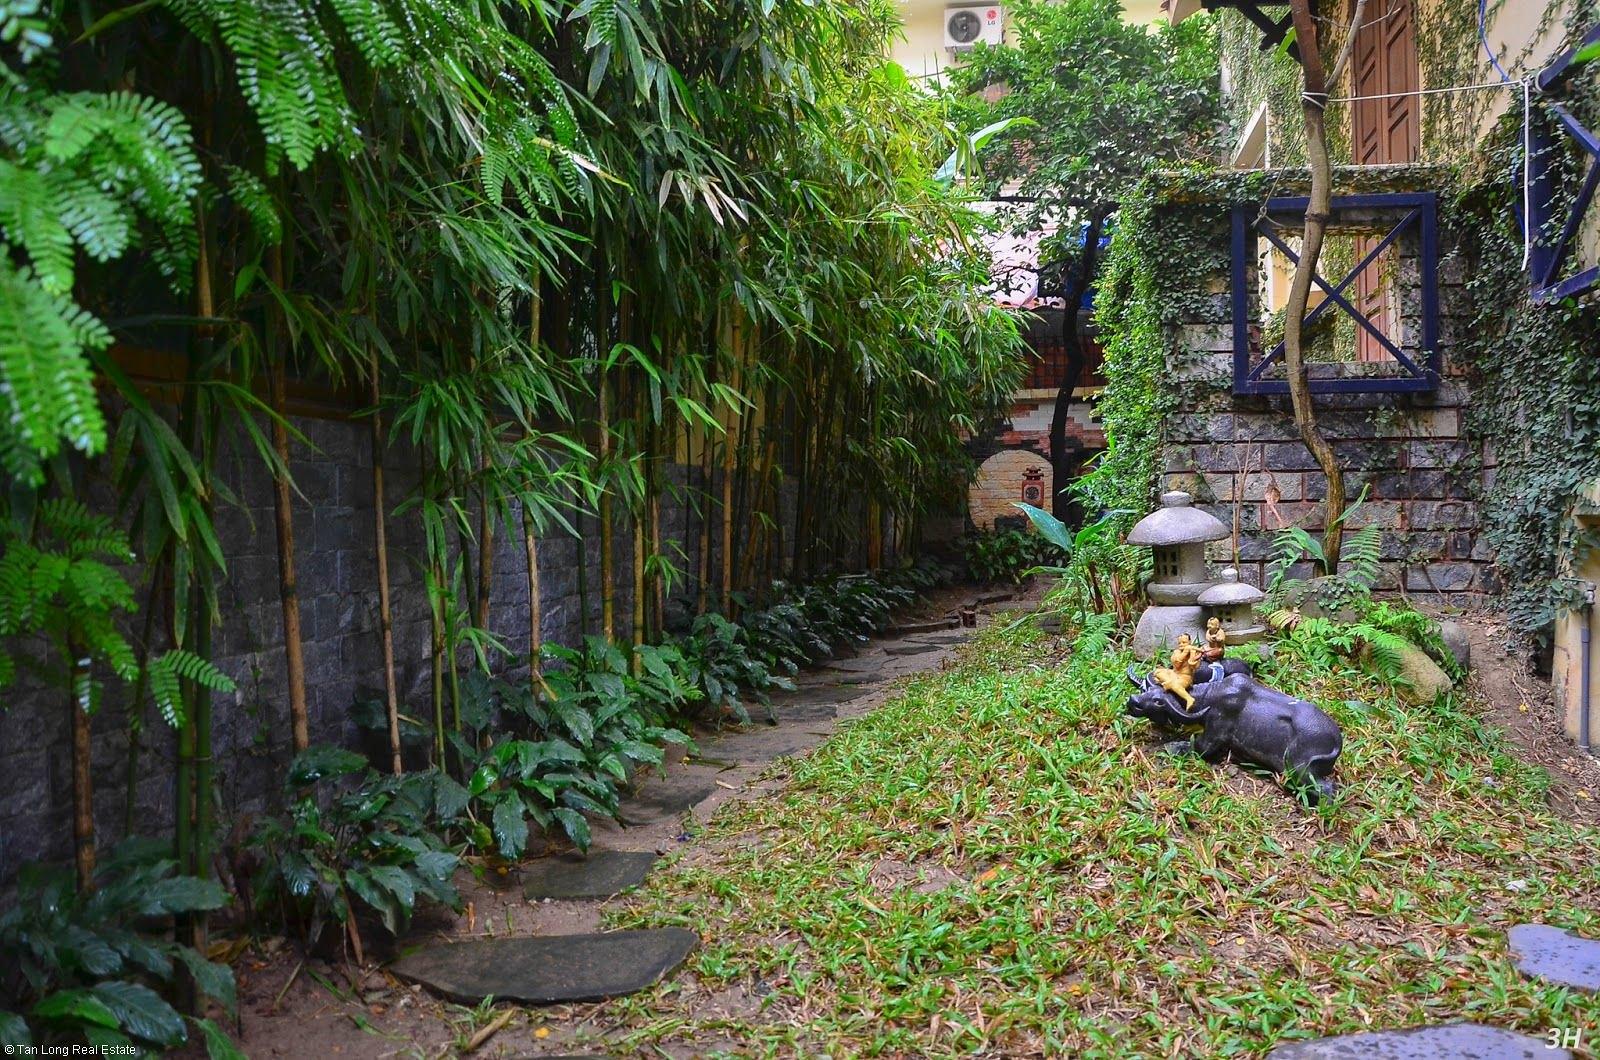 """Cho thuê căn hộ tại Văn Cao - một mẫu biệt thự vườn tại Hải Phòng  <img src=""""images/"""" width="""""""" height="""""""" alt=""""Công ty Bất Động Sản Tanlong Land"""">"""